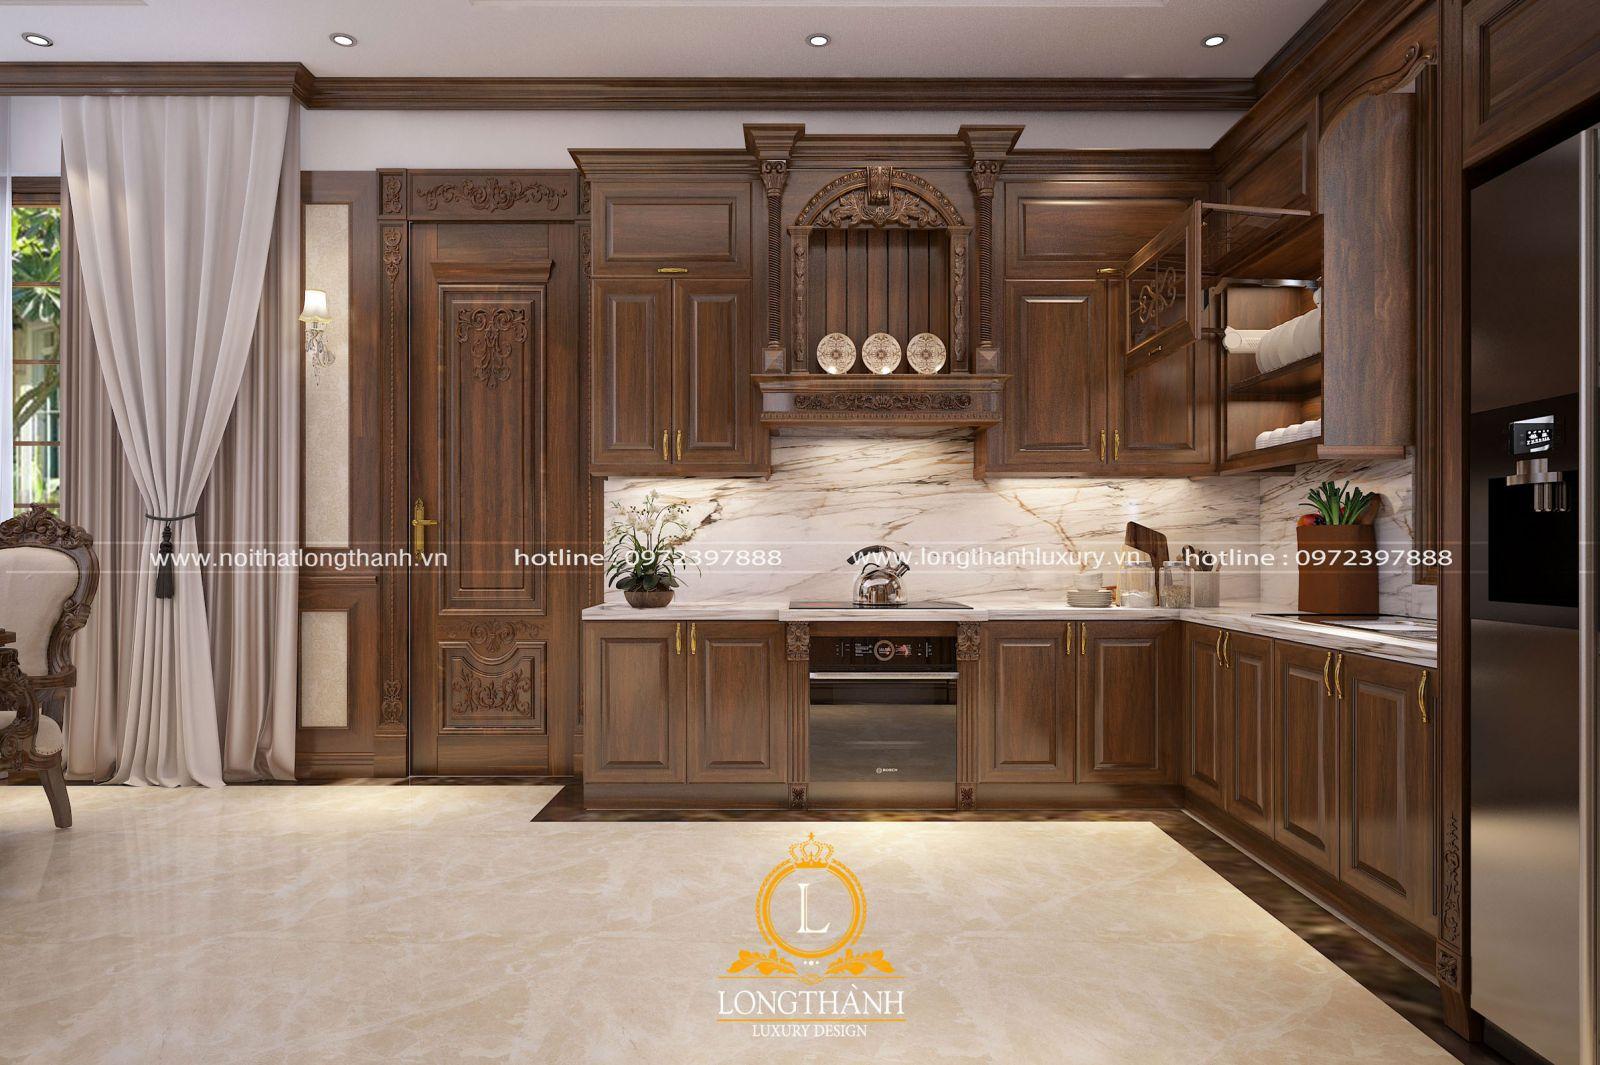 Thiết kế không gian bếp với tông màu chủ đạo là nâu trầm ấm cúng